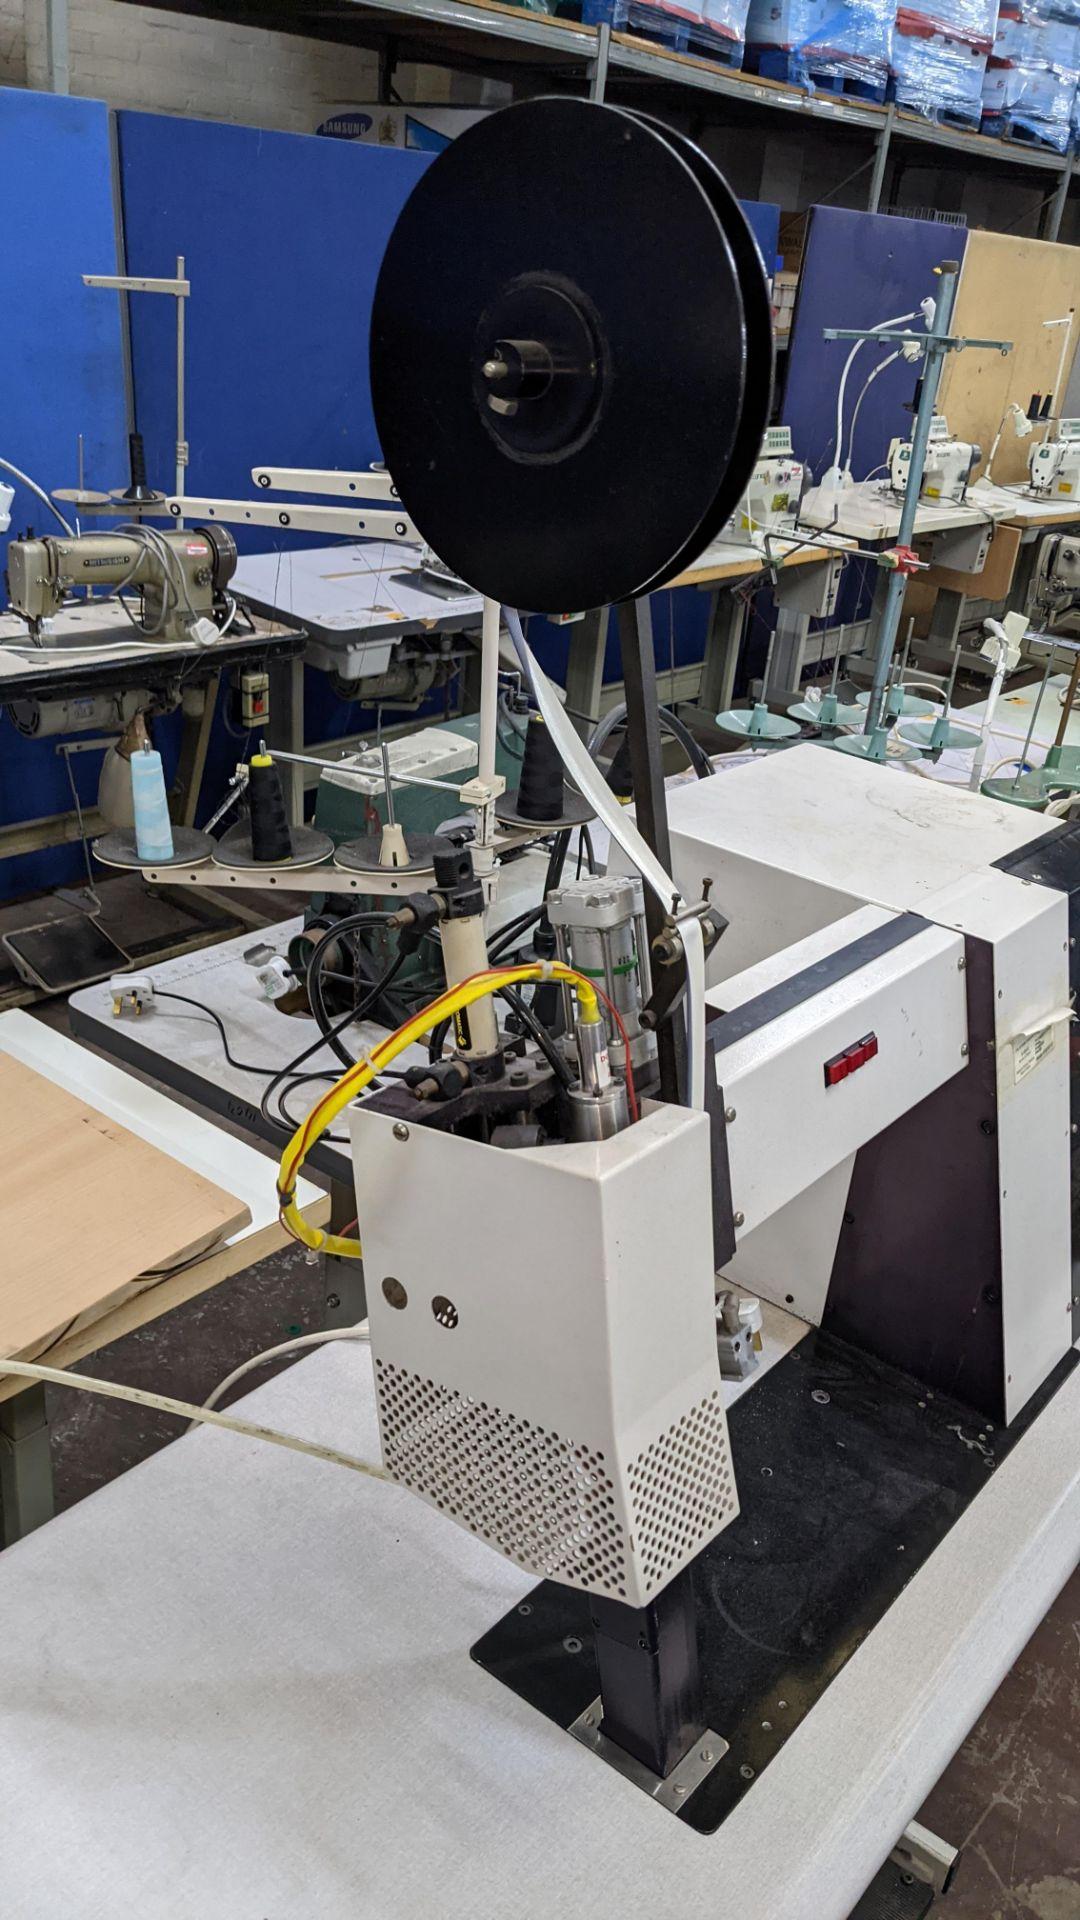 Ardmel seam sealing machine - Image 10 of 18